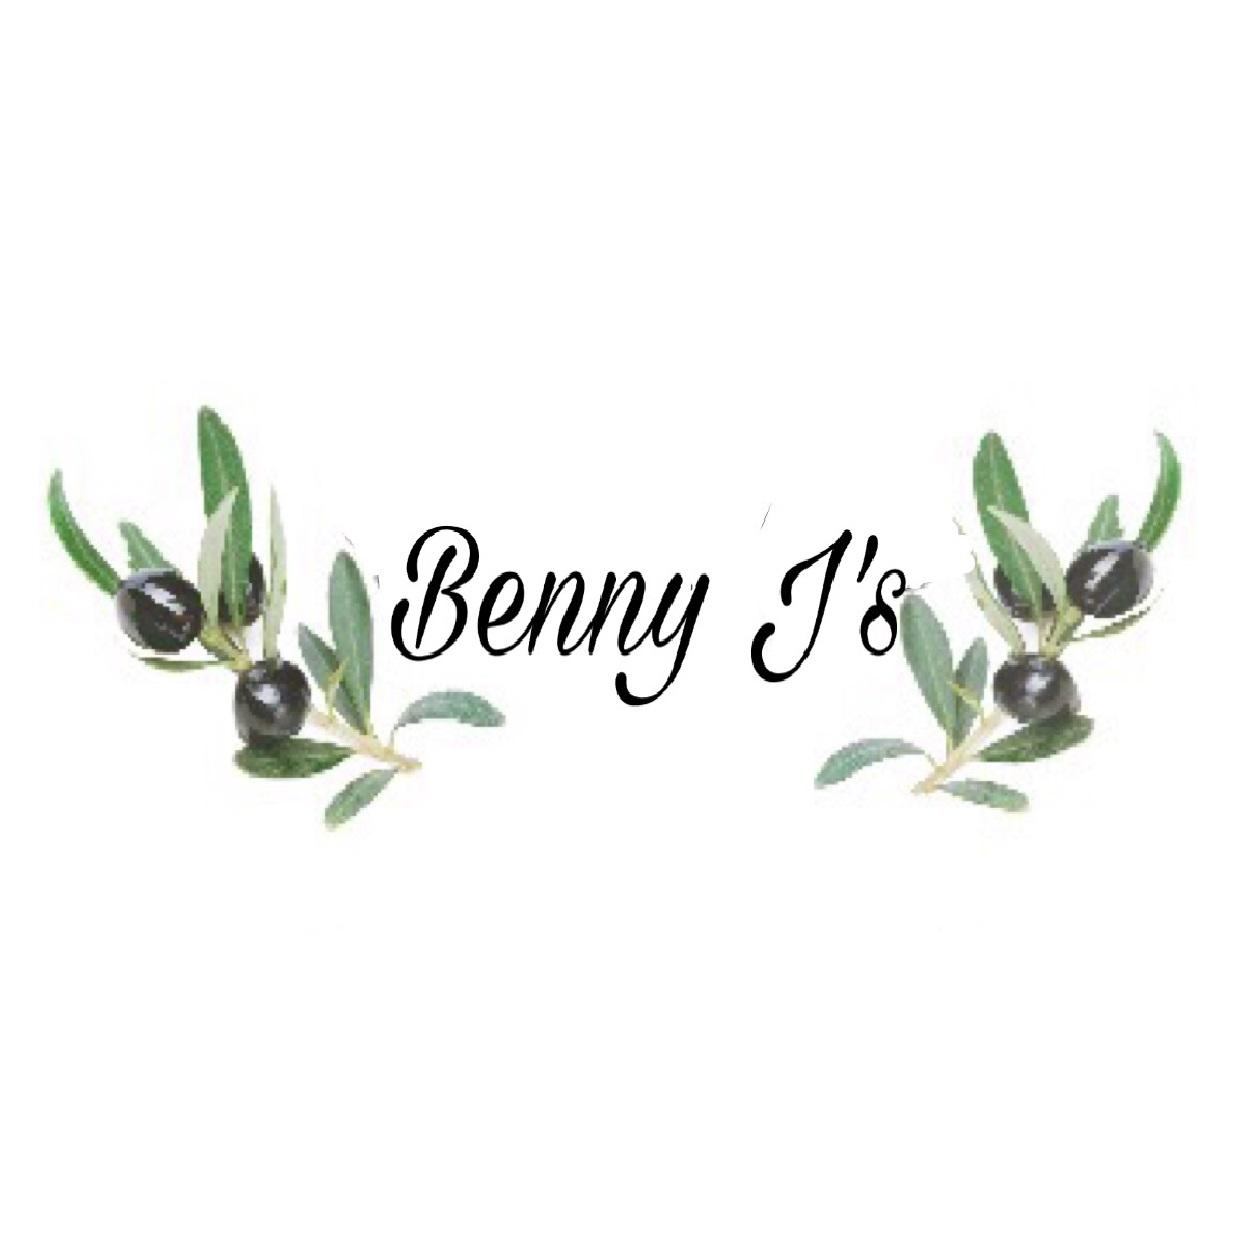 Benny J's